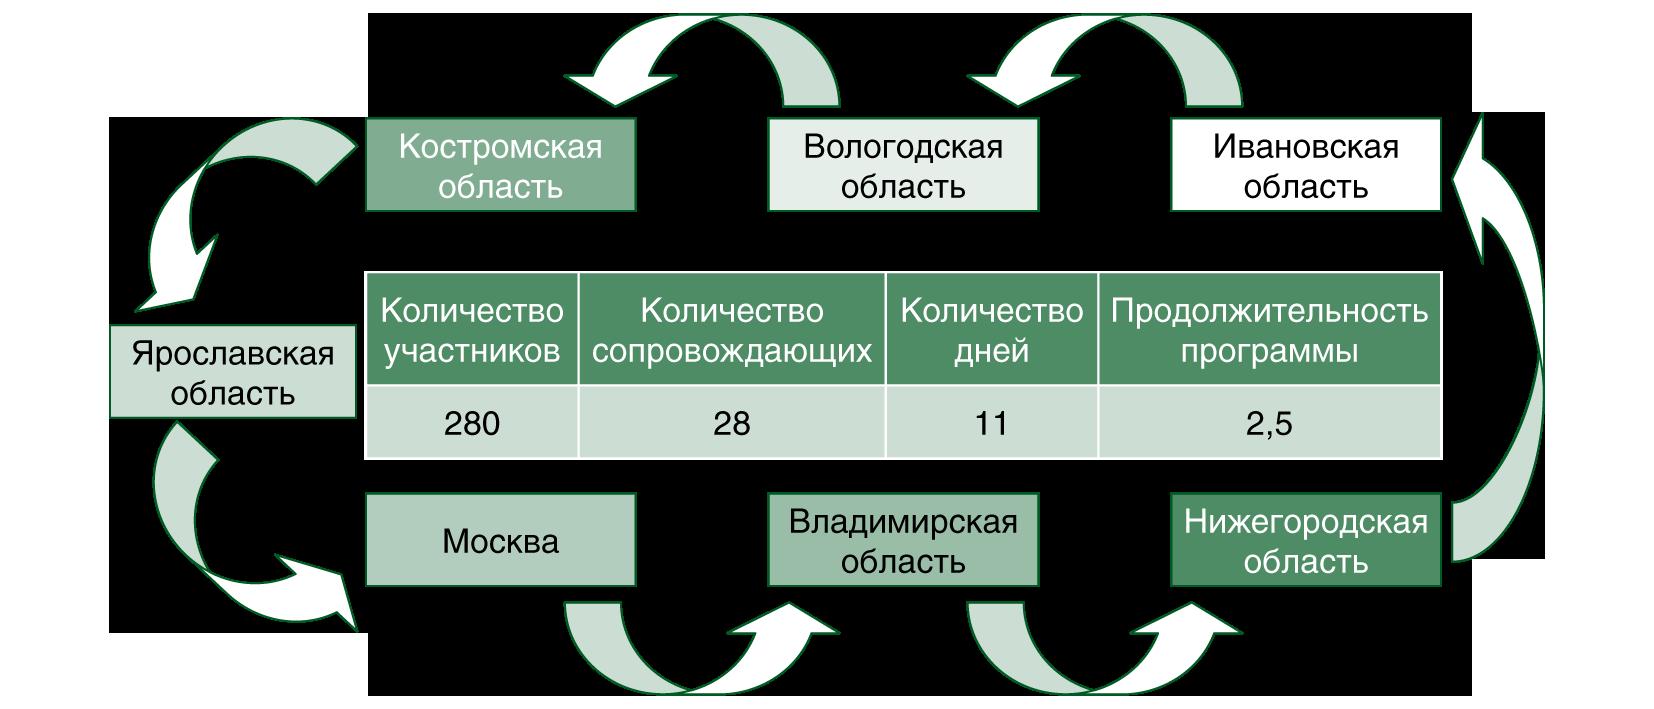 Проект патриотического воспитания школьников «Узоры городов России»